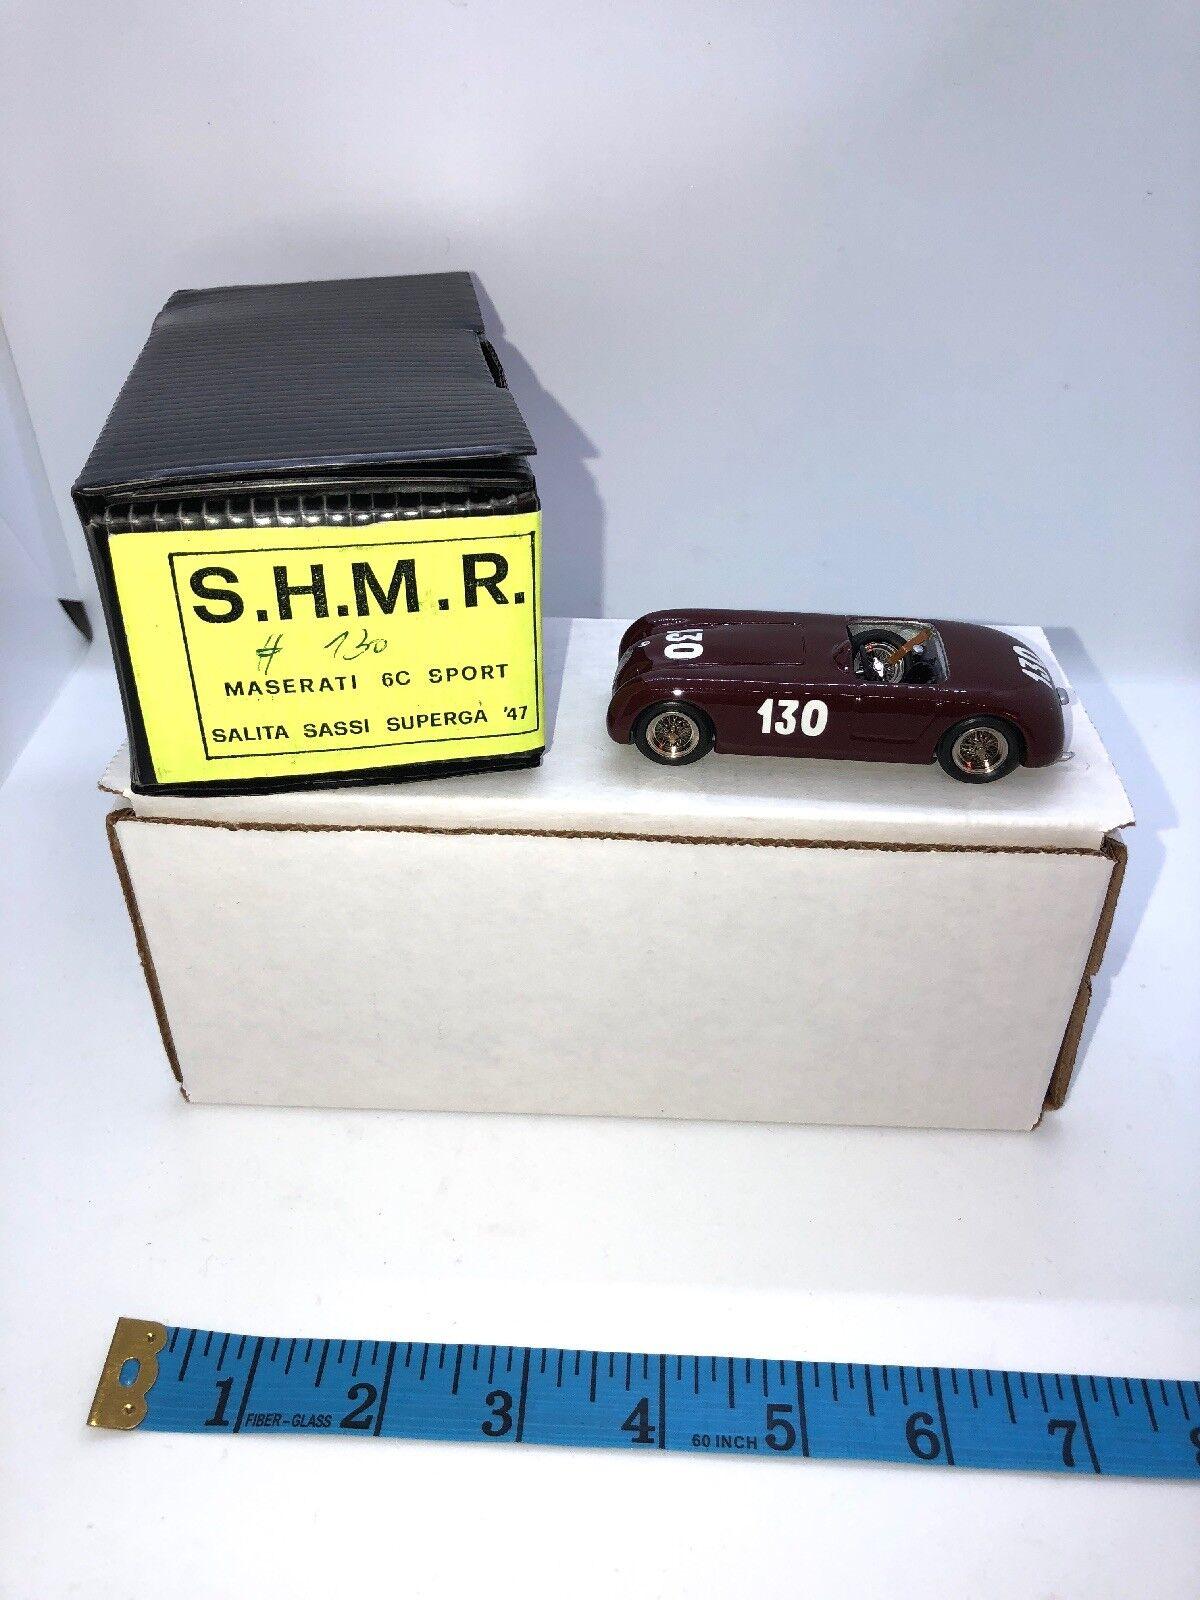 SHMR 1 43 résine Maserati 6 C SPORT 1500 salita Sassi SUPERGA modèle 1947 fait main